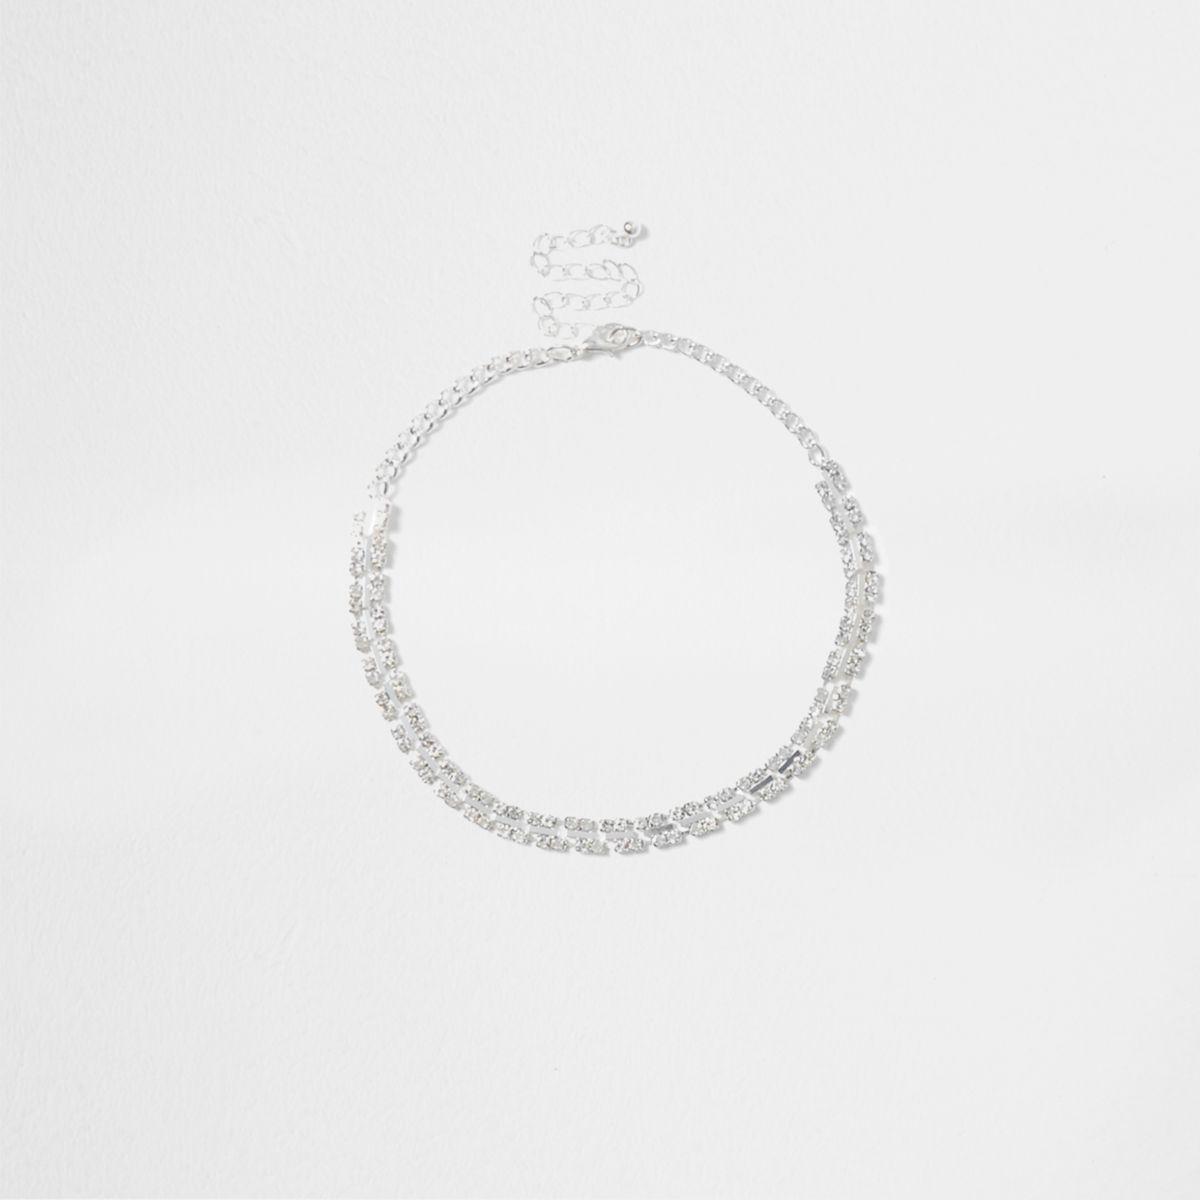 Silver tone square cup chain choker